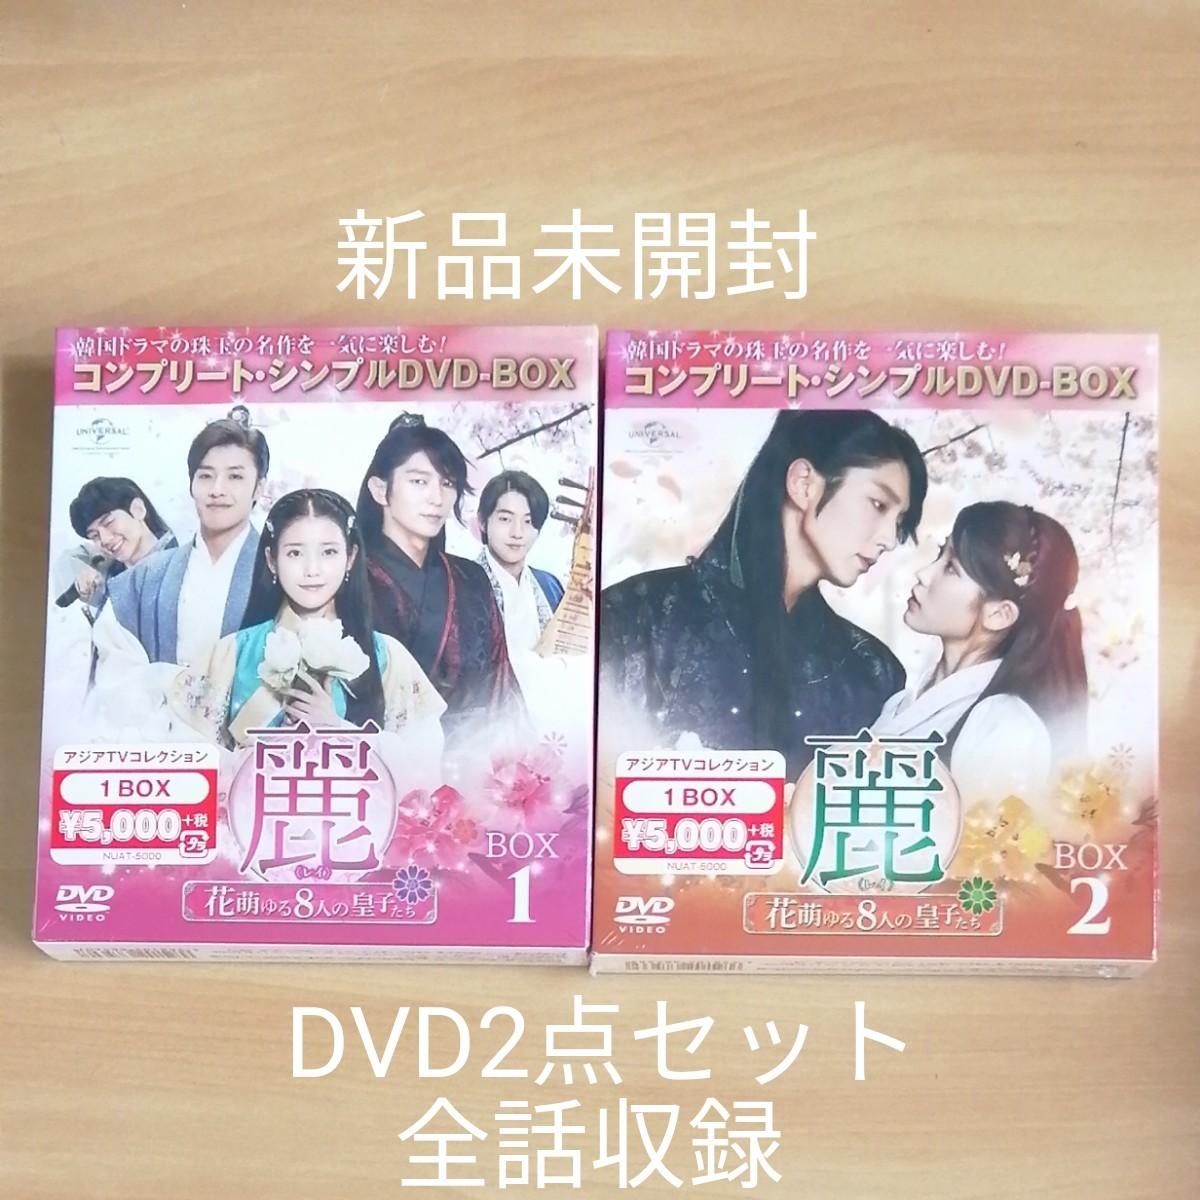 新品未開封★麗 レイ 花萌ゆる8人の皇子たち DVD BOX1 BOX2 2点セット 韓国ドラマ 日本語吹替あり